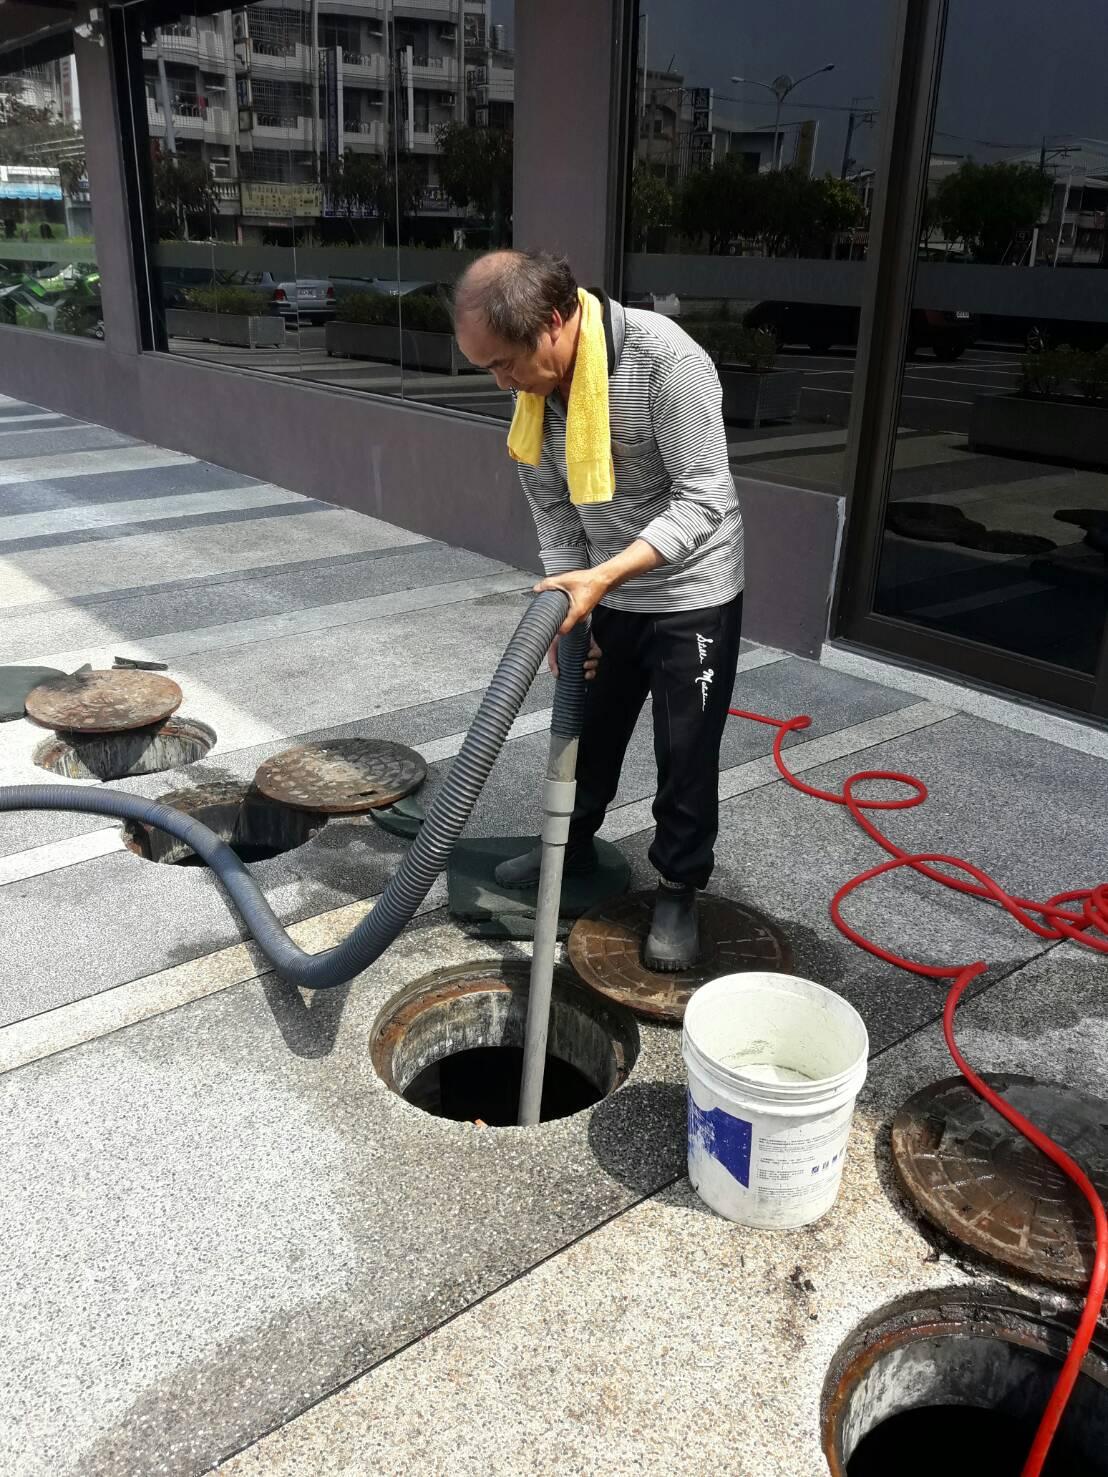 台中水溝清潔,台中大樓水溝清潔,台中清理水溝,台中清理大樓水溝